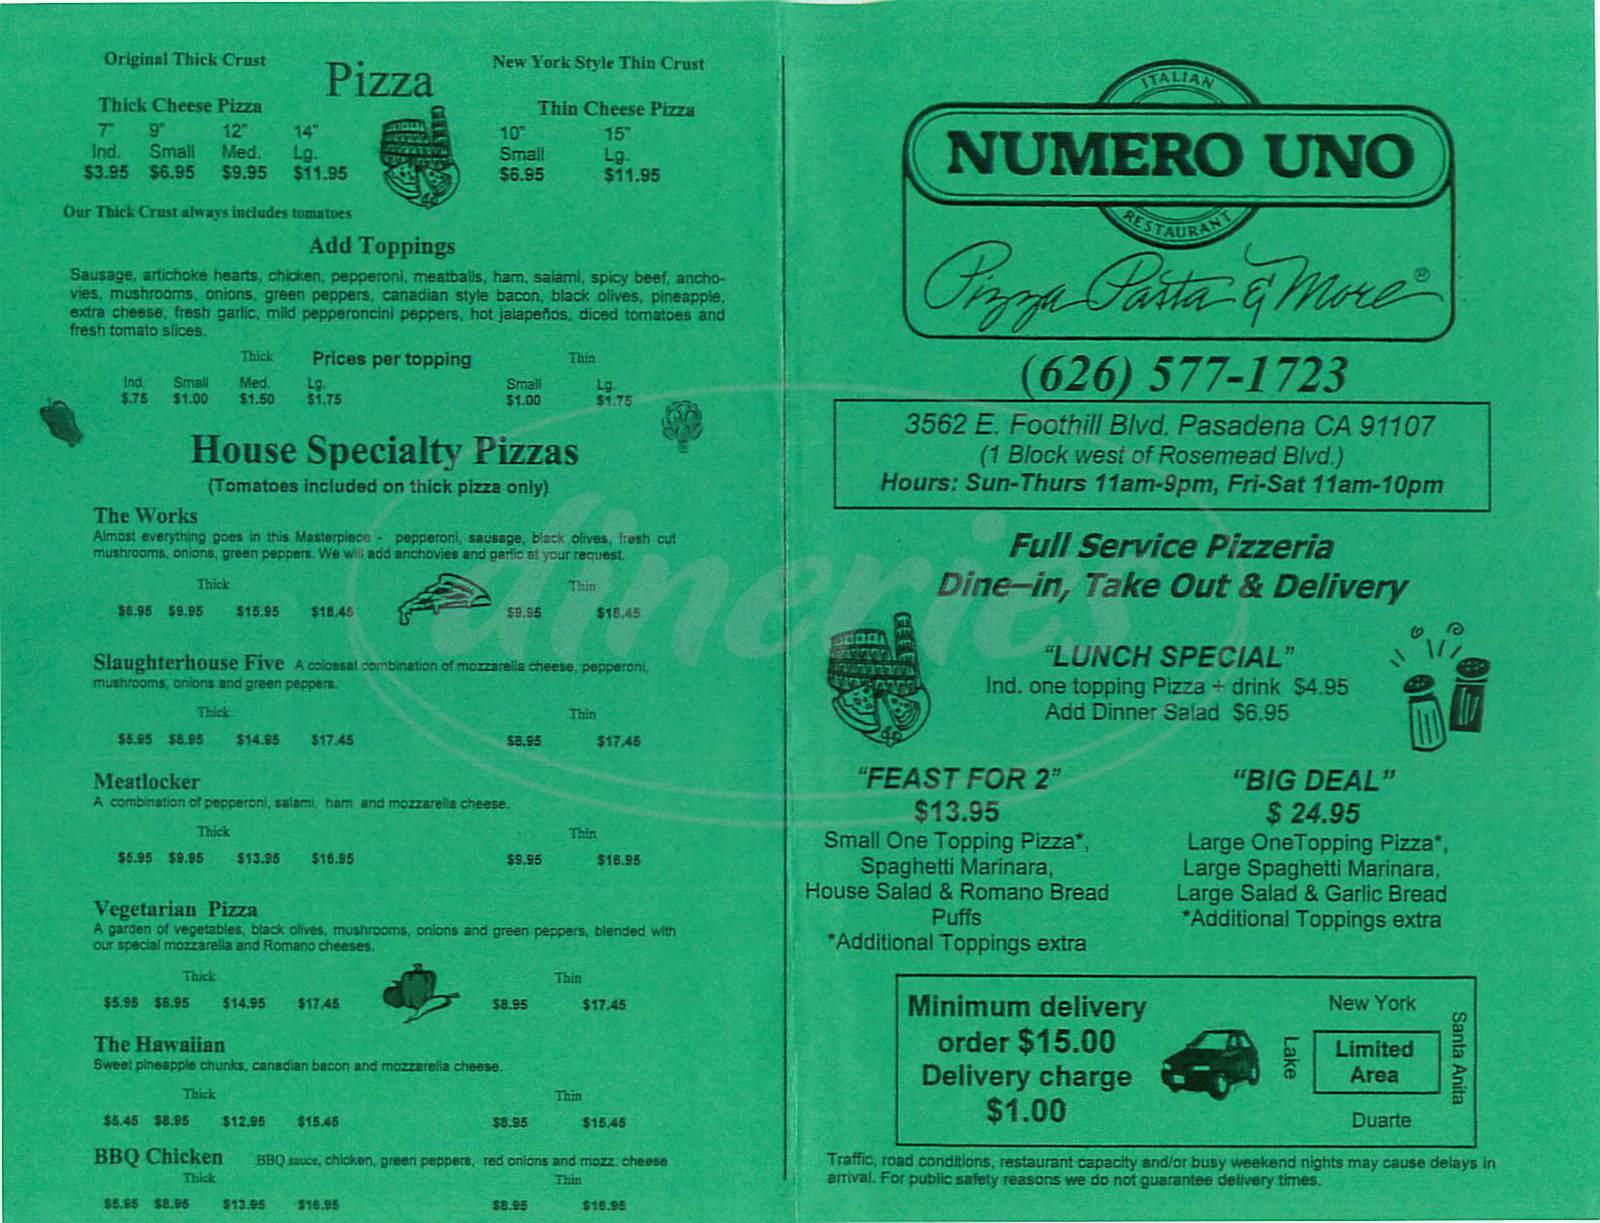 menu for Numero Uno Pizza Pasta & More